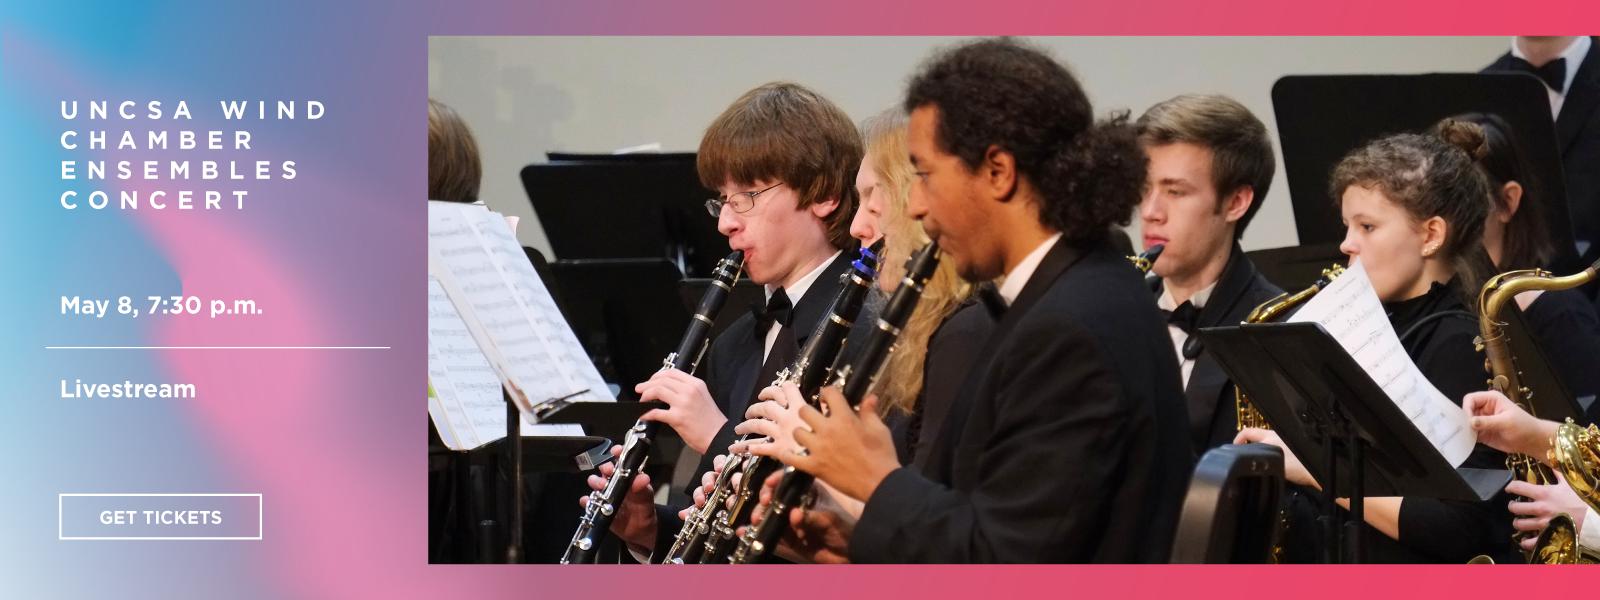 UNCSA Wind Chamber Ensembles Concert - Livestream